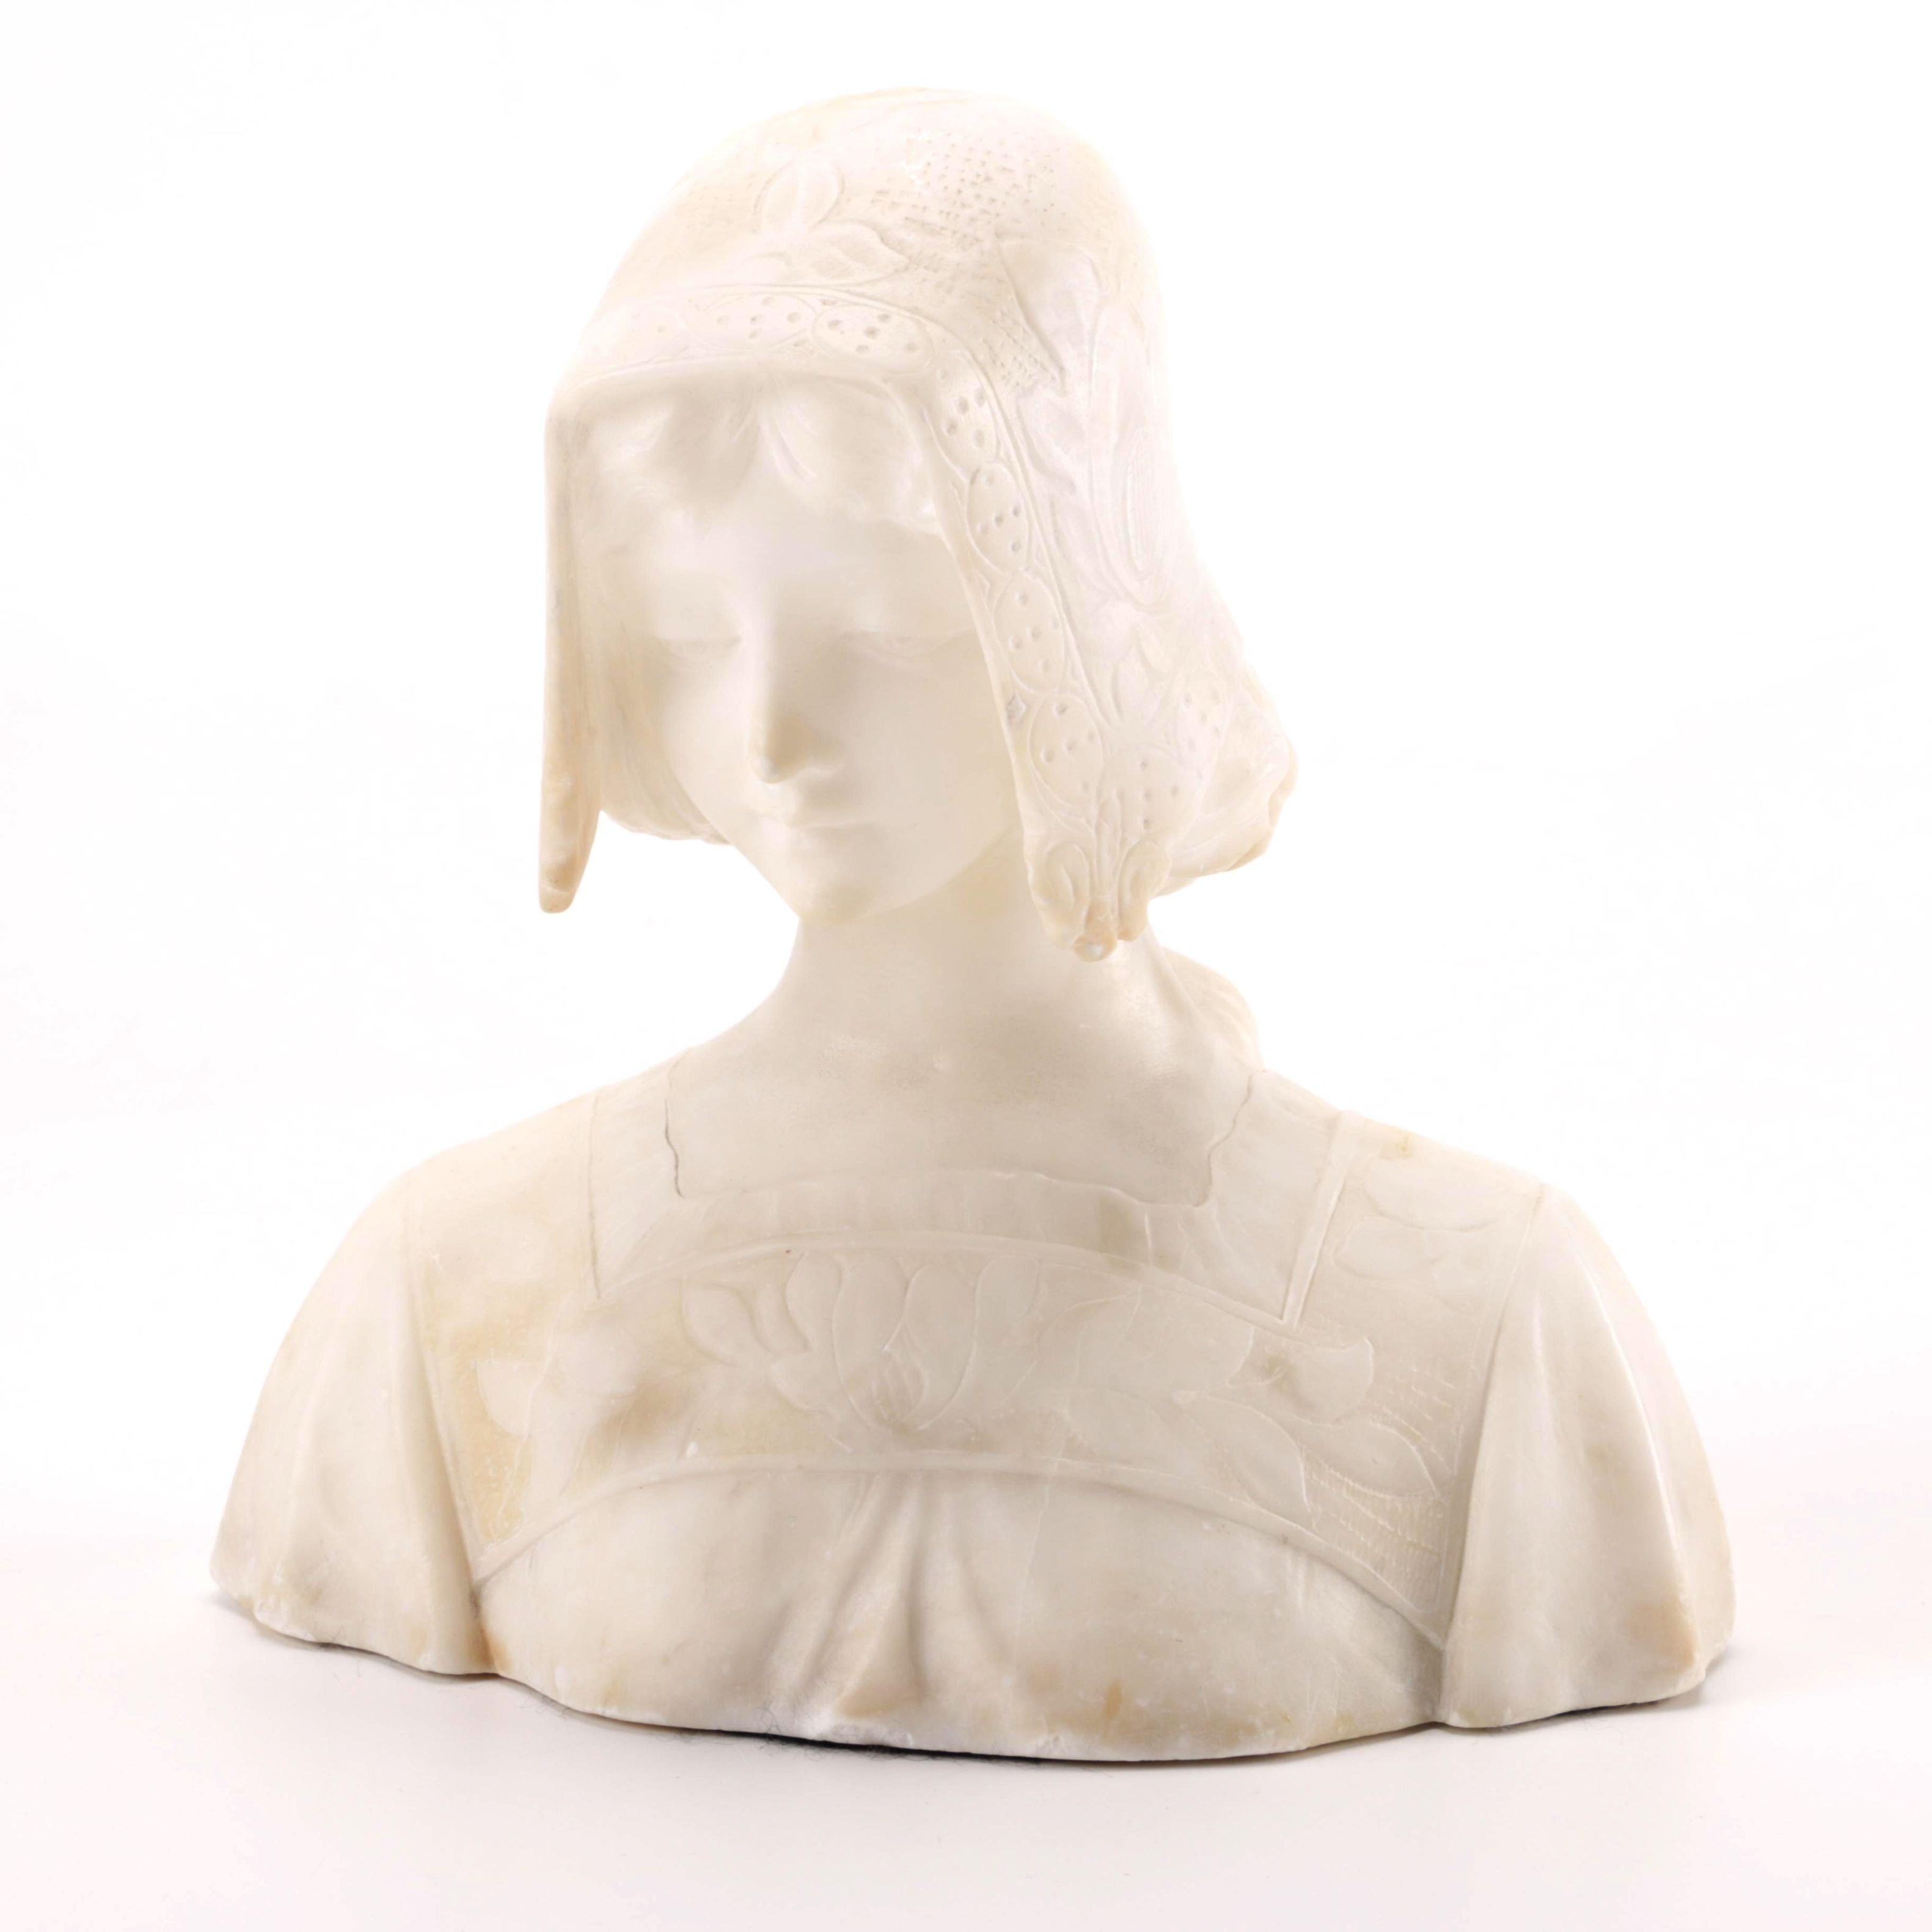 Ceramic Bust of a Female